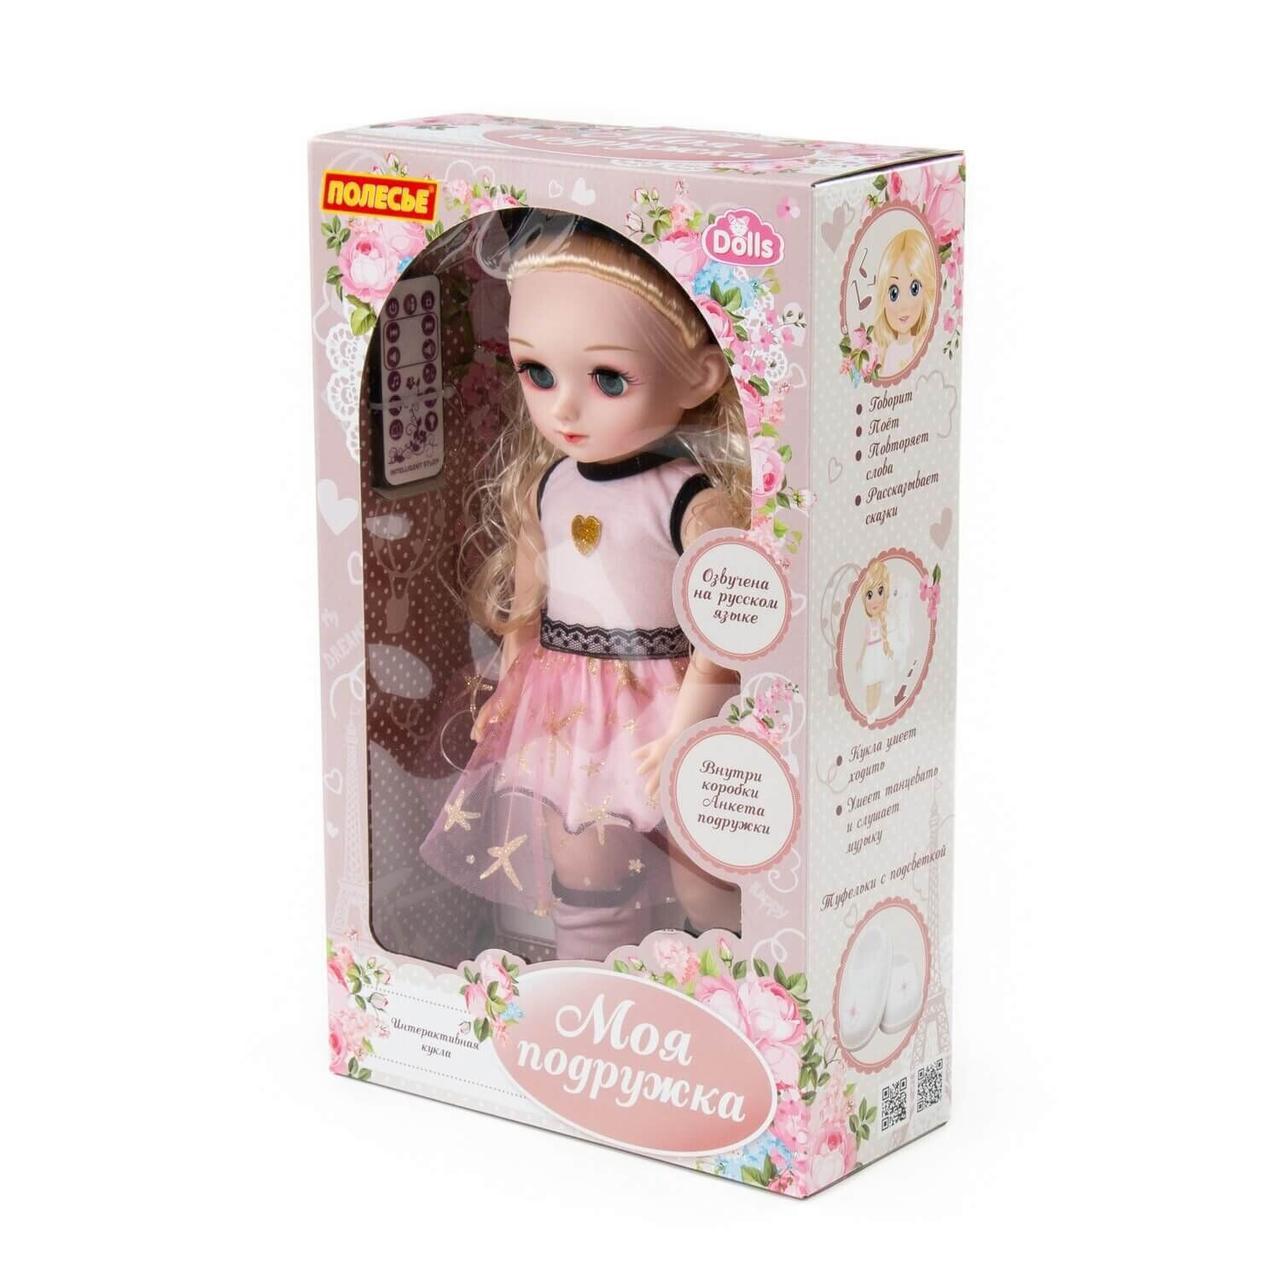 """Кукла """"Арина"""" (37 см) на вечеринке (в коробке), Polesie (79619)"""